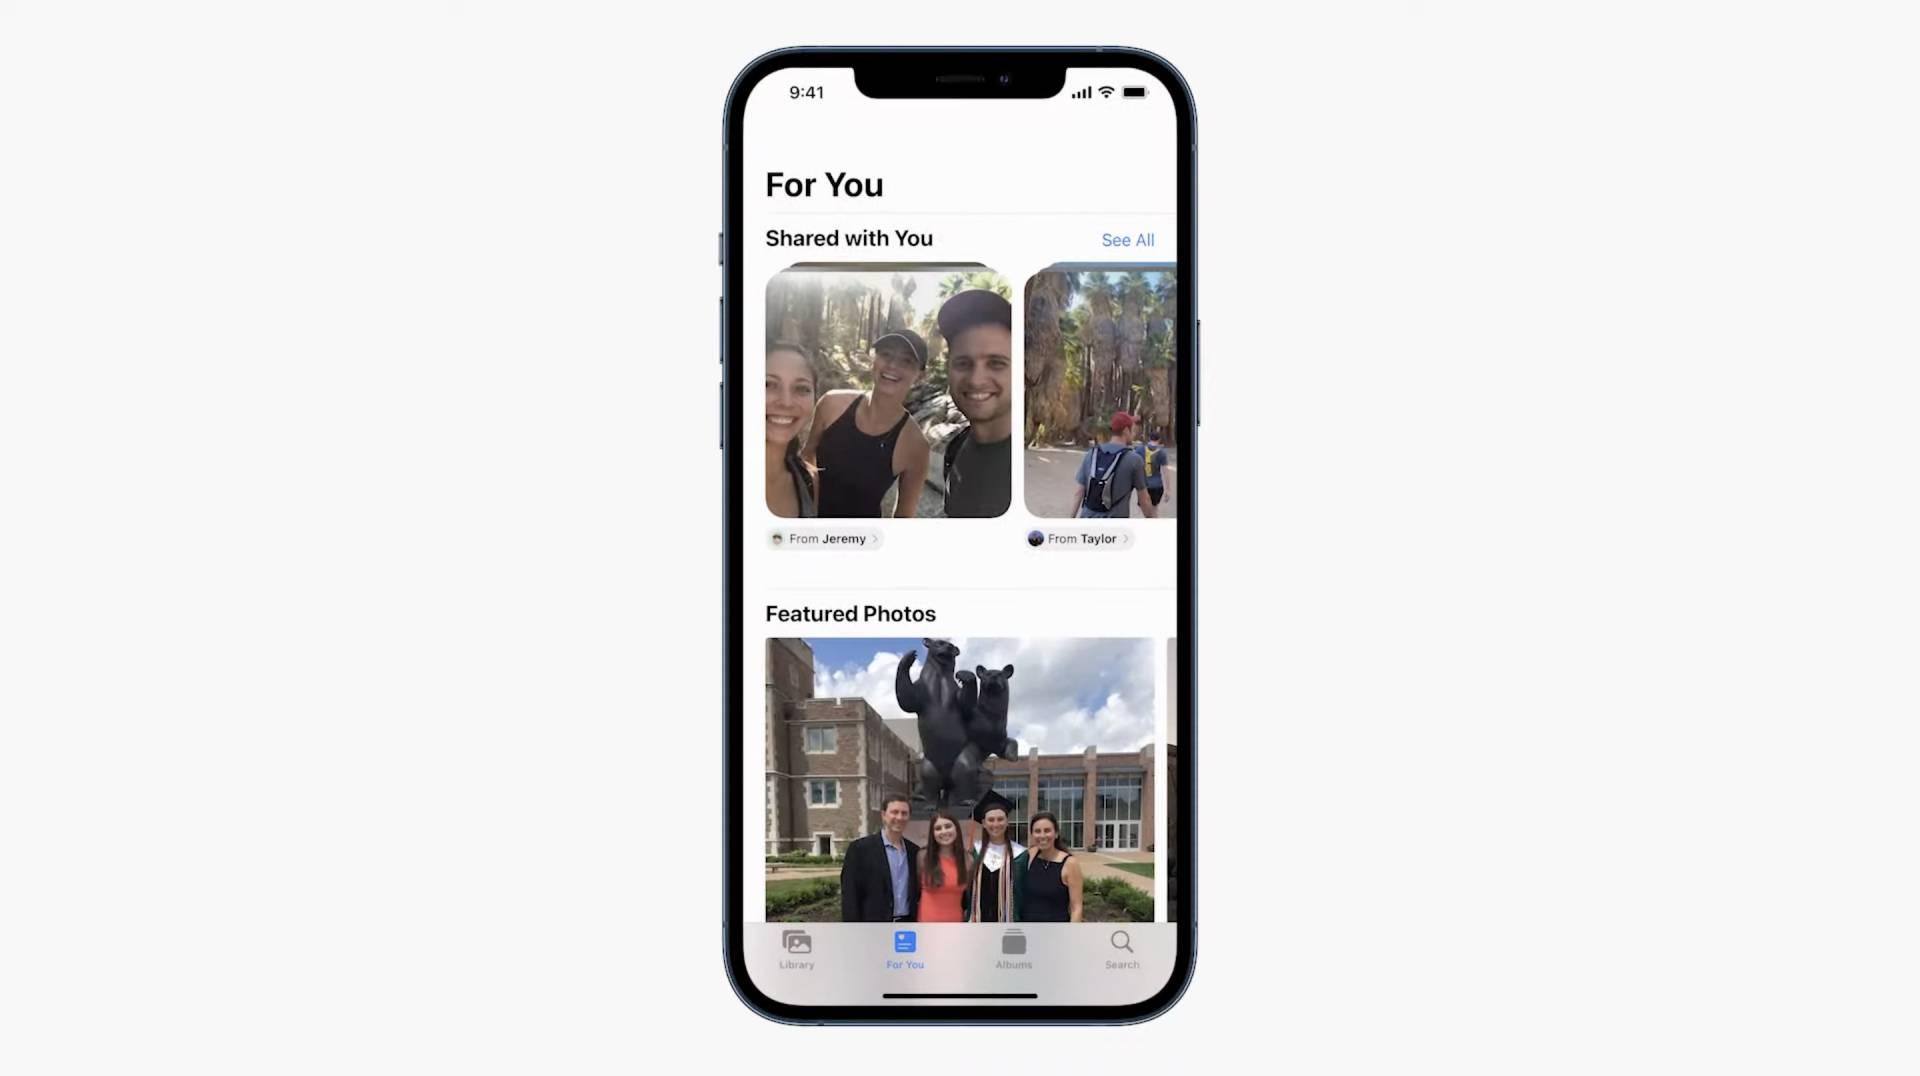 Aplikácia fotky umožňuje zobraziť obrázky nazdieľané vašimi známymi cez iMessage WWDC 2021